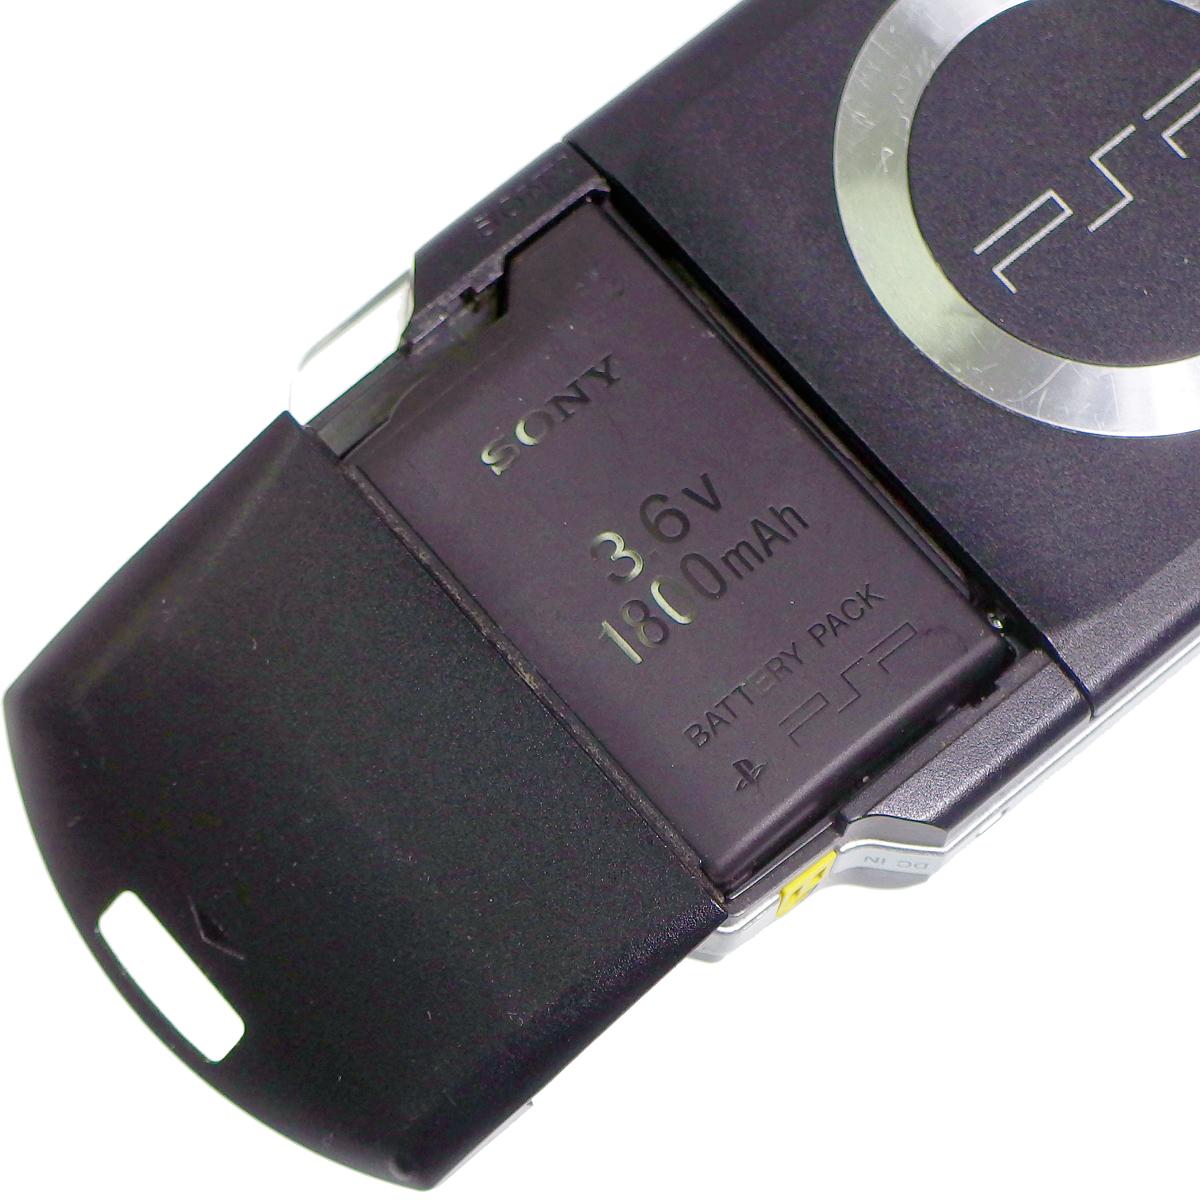 送料込! PSP-1000 本体のみ + ソフト1枚 動作確認済 _画像4